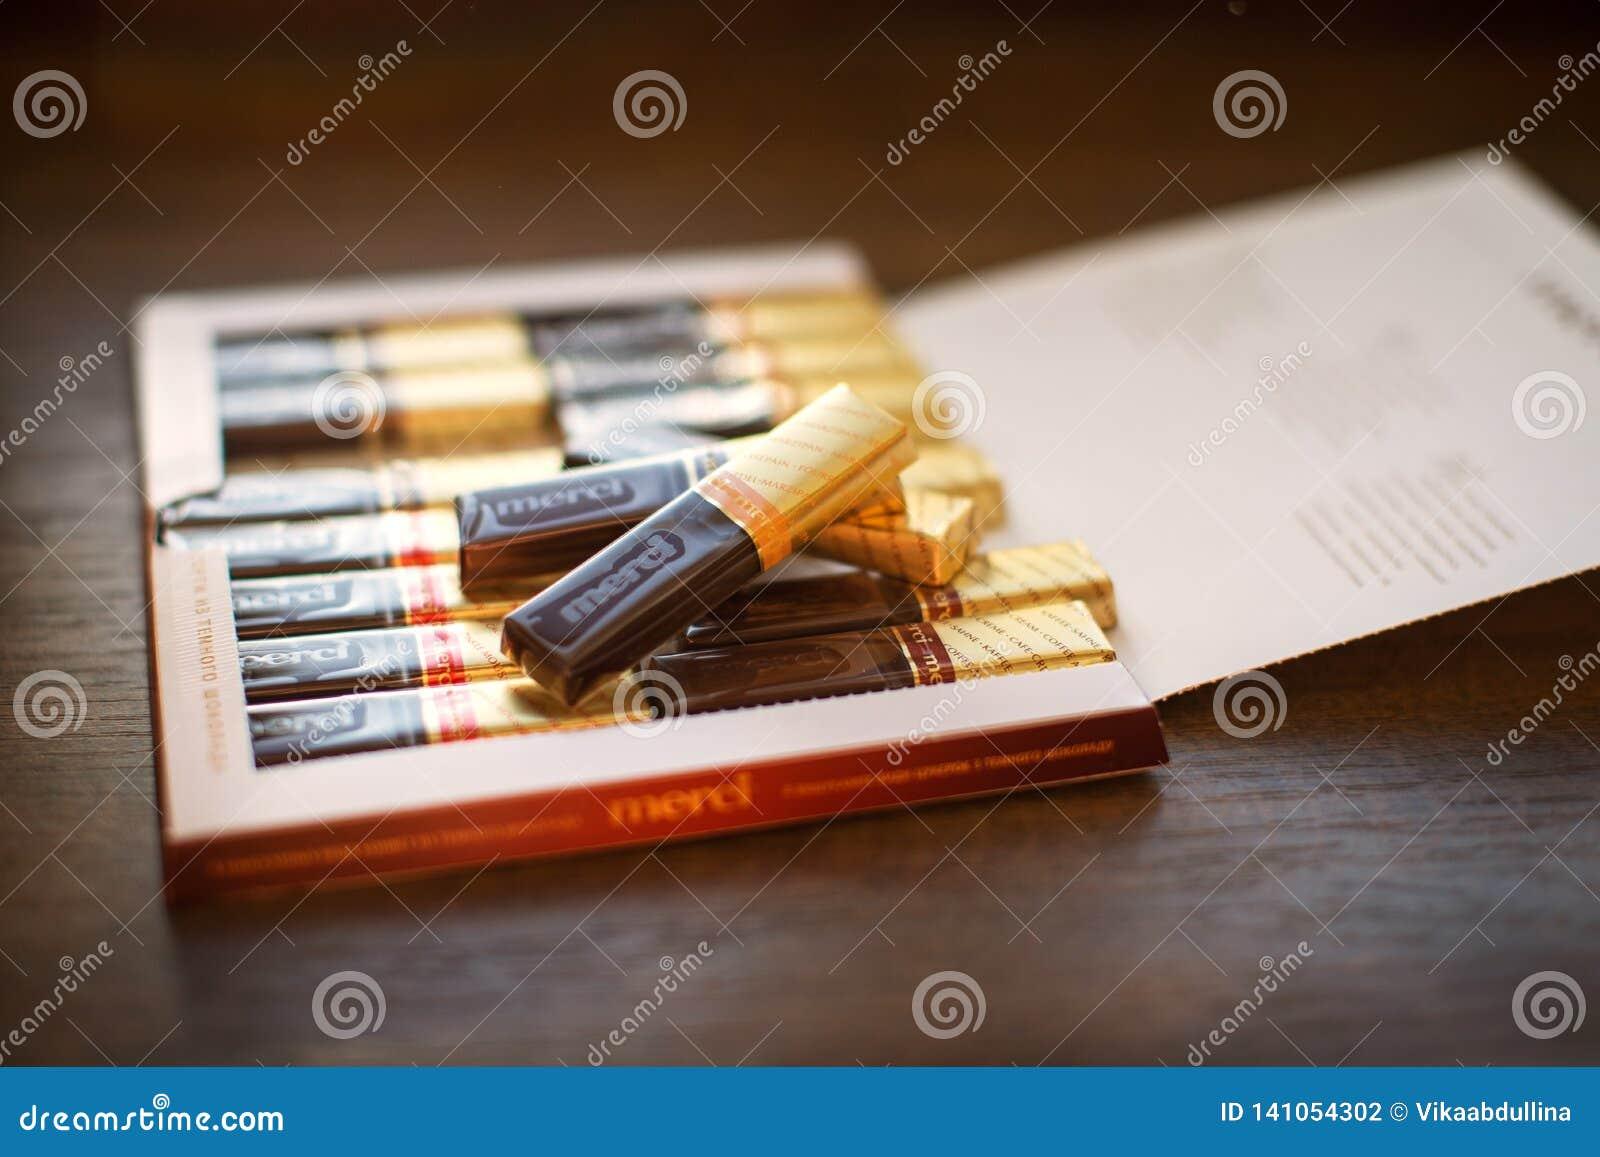 Chocolat de Merci - marque des bonbons au chocolat construite par la société allemande August Storck, vendu dans plus de 70 pays